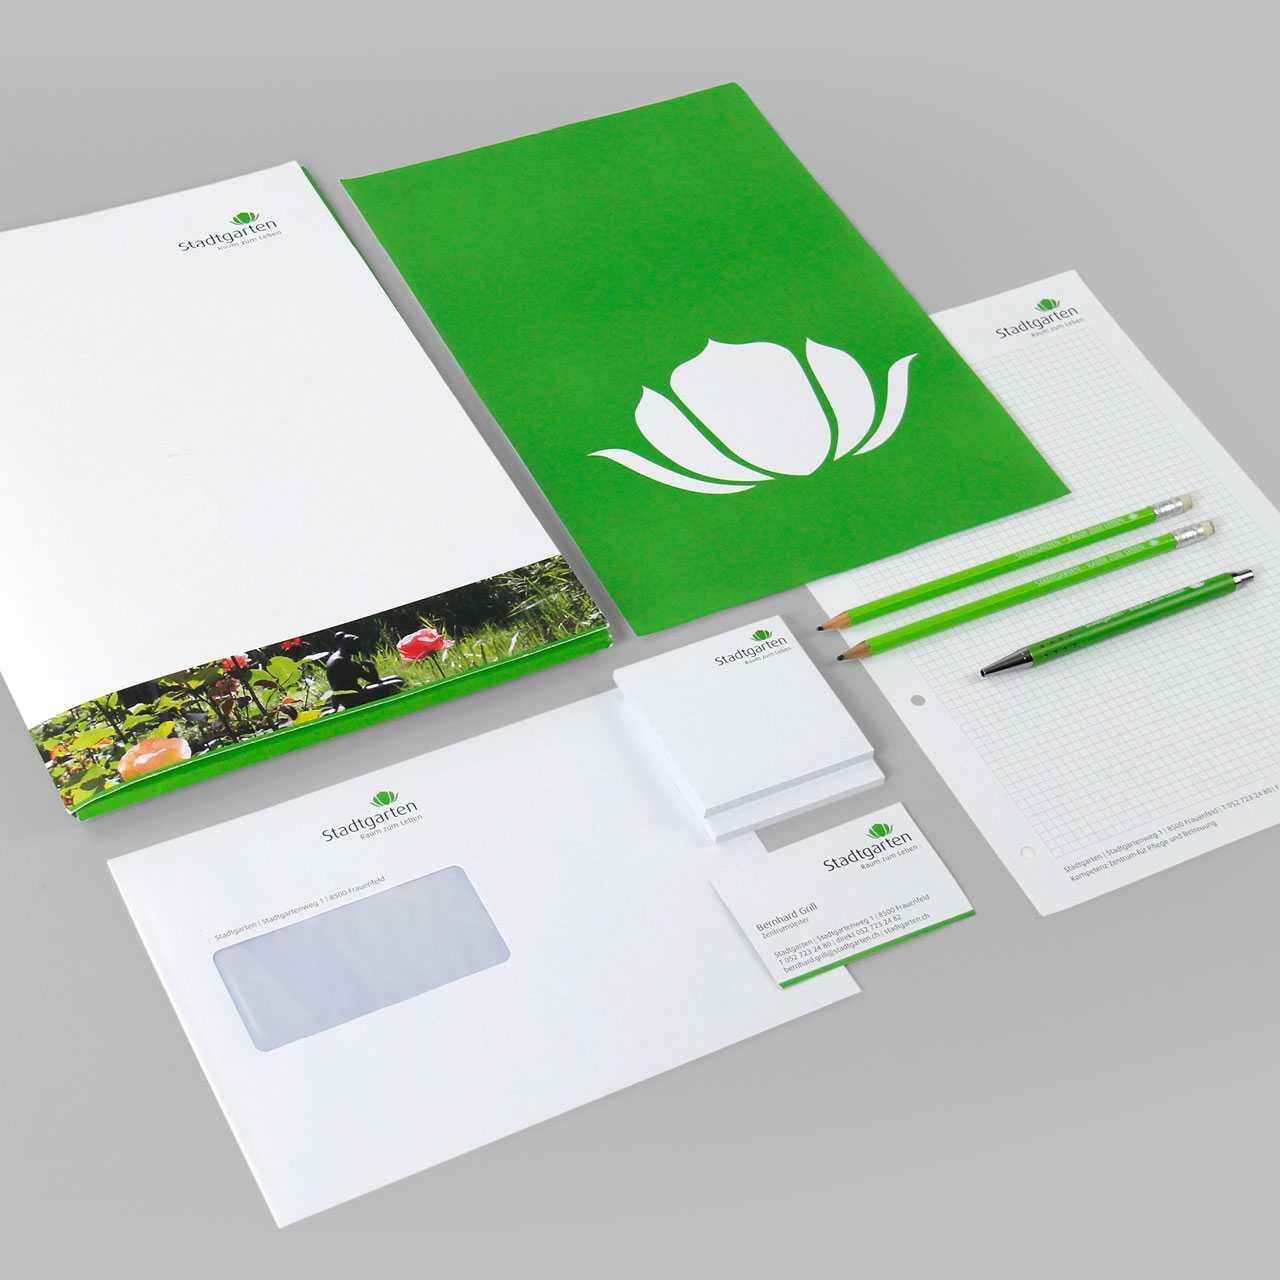 Pflegezentrum Stadtgarten: Corporate Design, Briefschaften